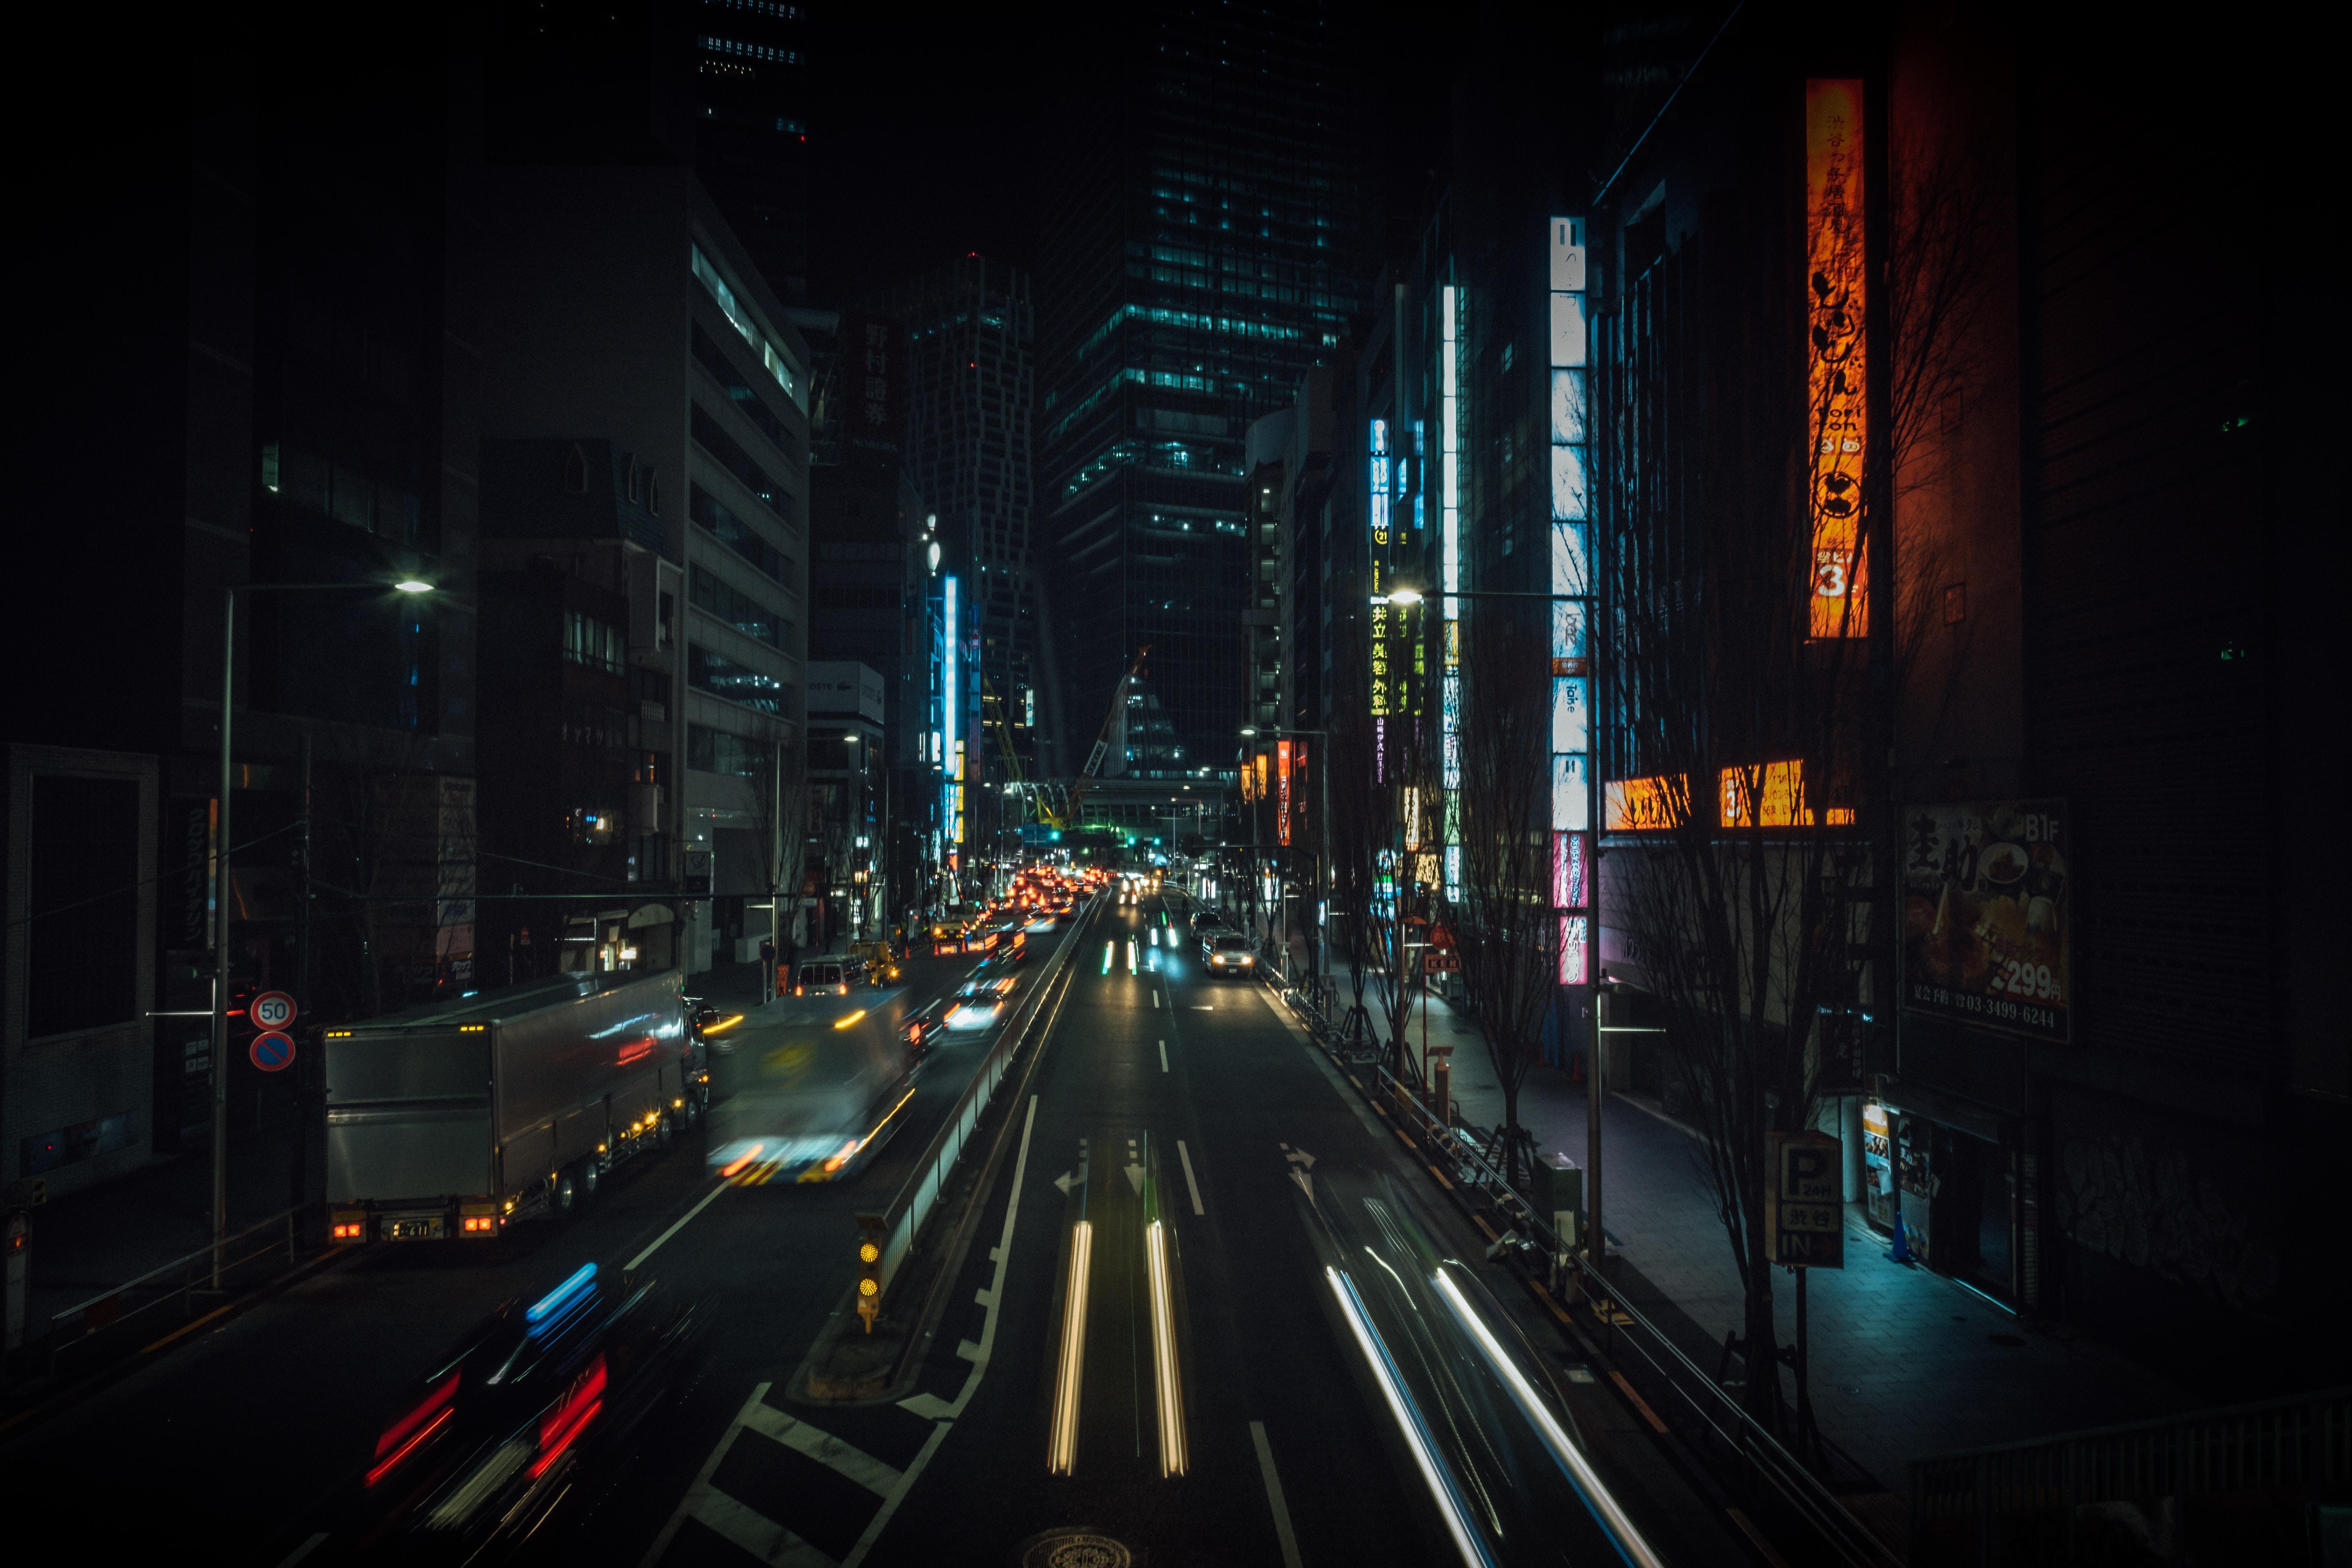 155178 fond d'écran 720x1280 sur votre téléphone gratuitement, téléchargez des images Villes, Imeuble, Bâtiment, Circulation, Mouvement, Ville De Nuit, Lumières De La Ville, Japon, Rue, Tokyo 720x1280 sur votre mobile